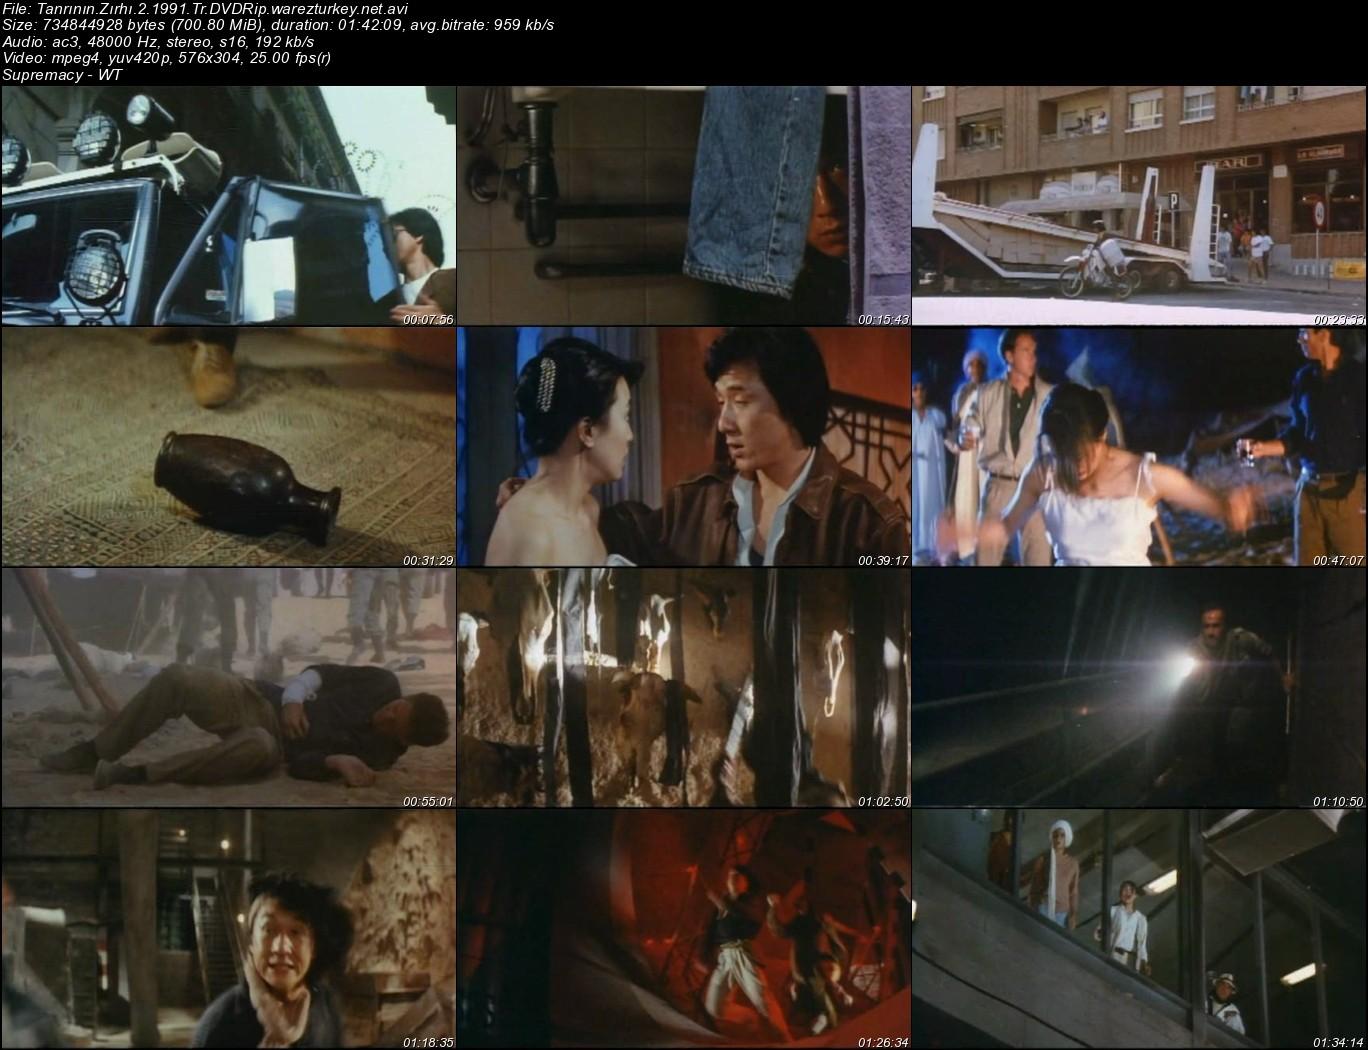 Tanrının Zırhı 1-2 - Türkçe Dublaj DVDRip Tek Link indir